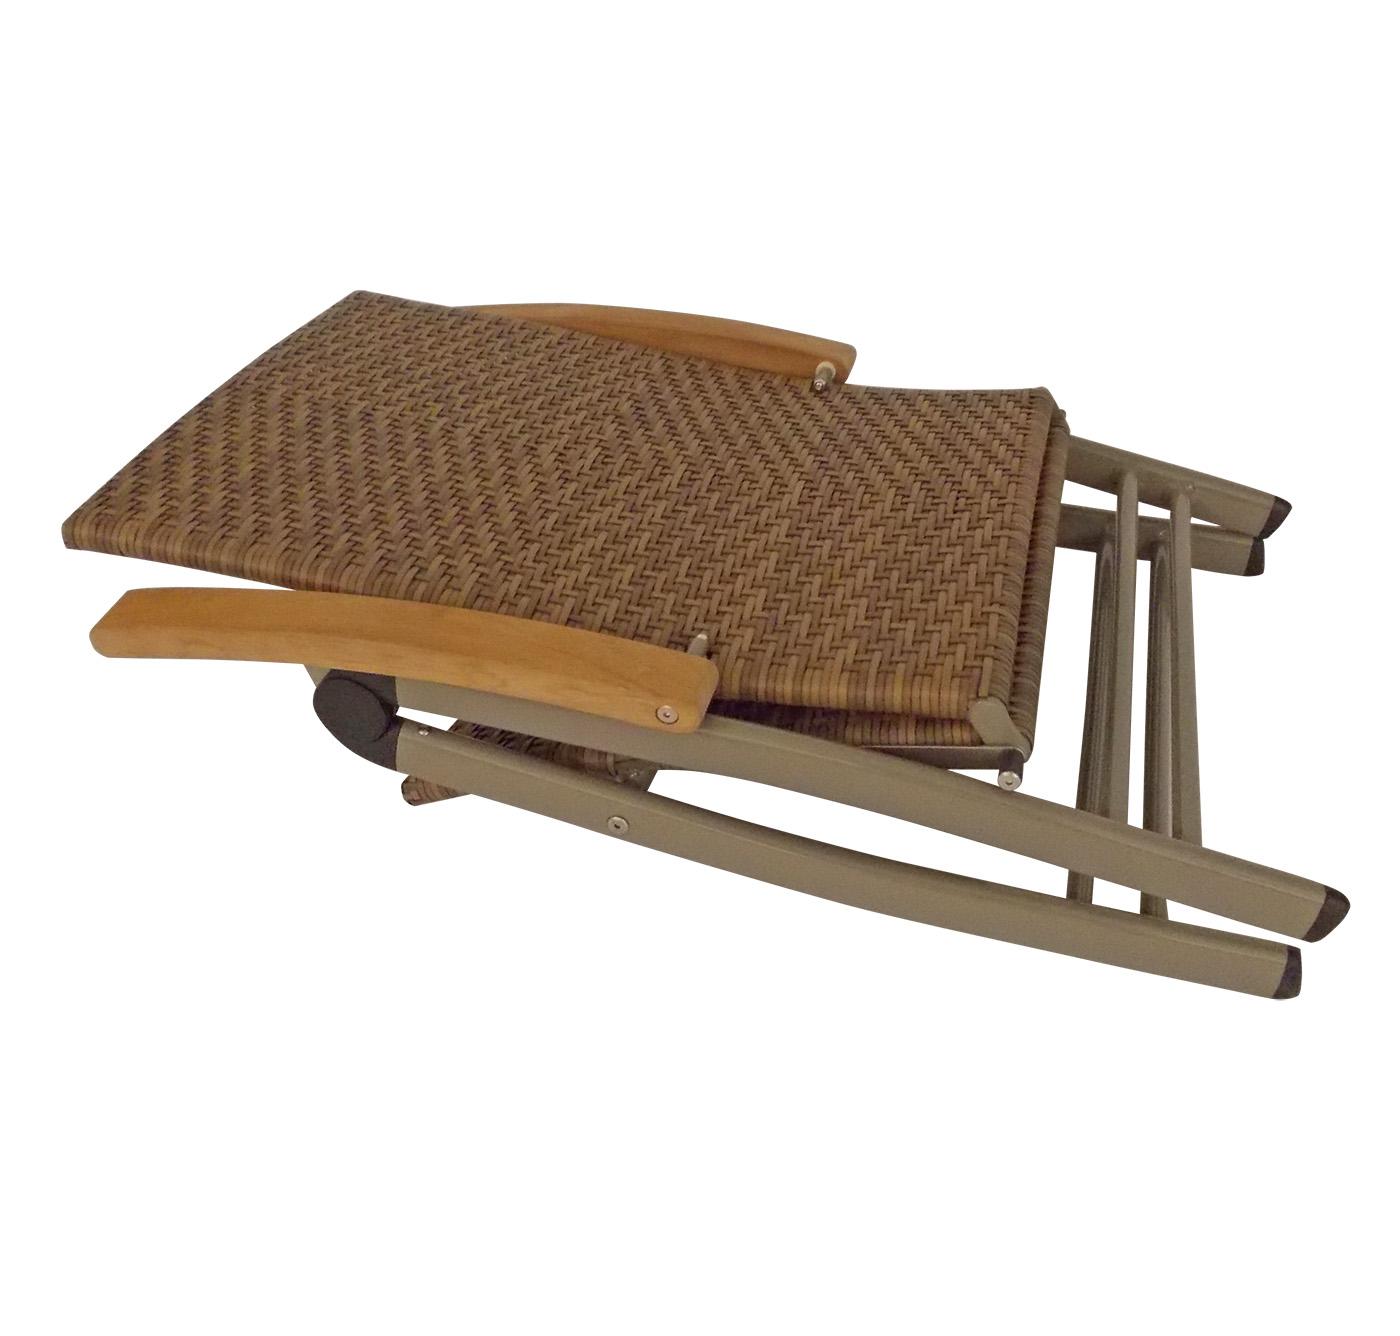 gartensessel gartenstuhl klappsessel vienna rattan braun teak fsc 2 wahl ebay. Black Bedroom Furniture Sets. Home Design Ideas